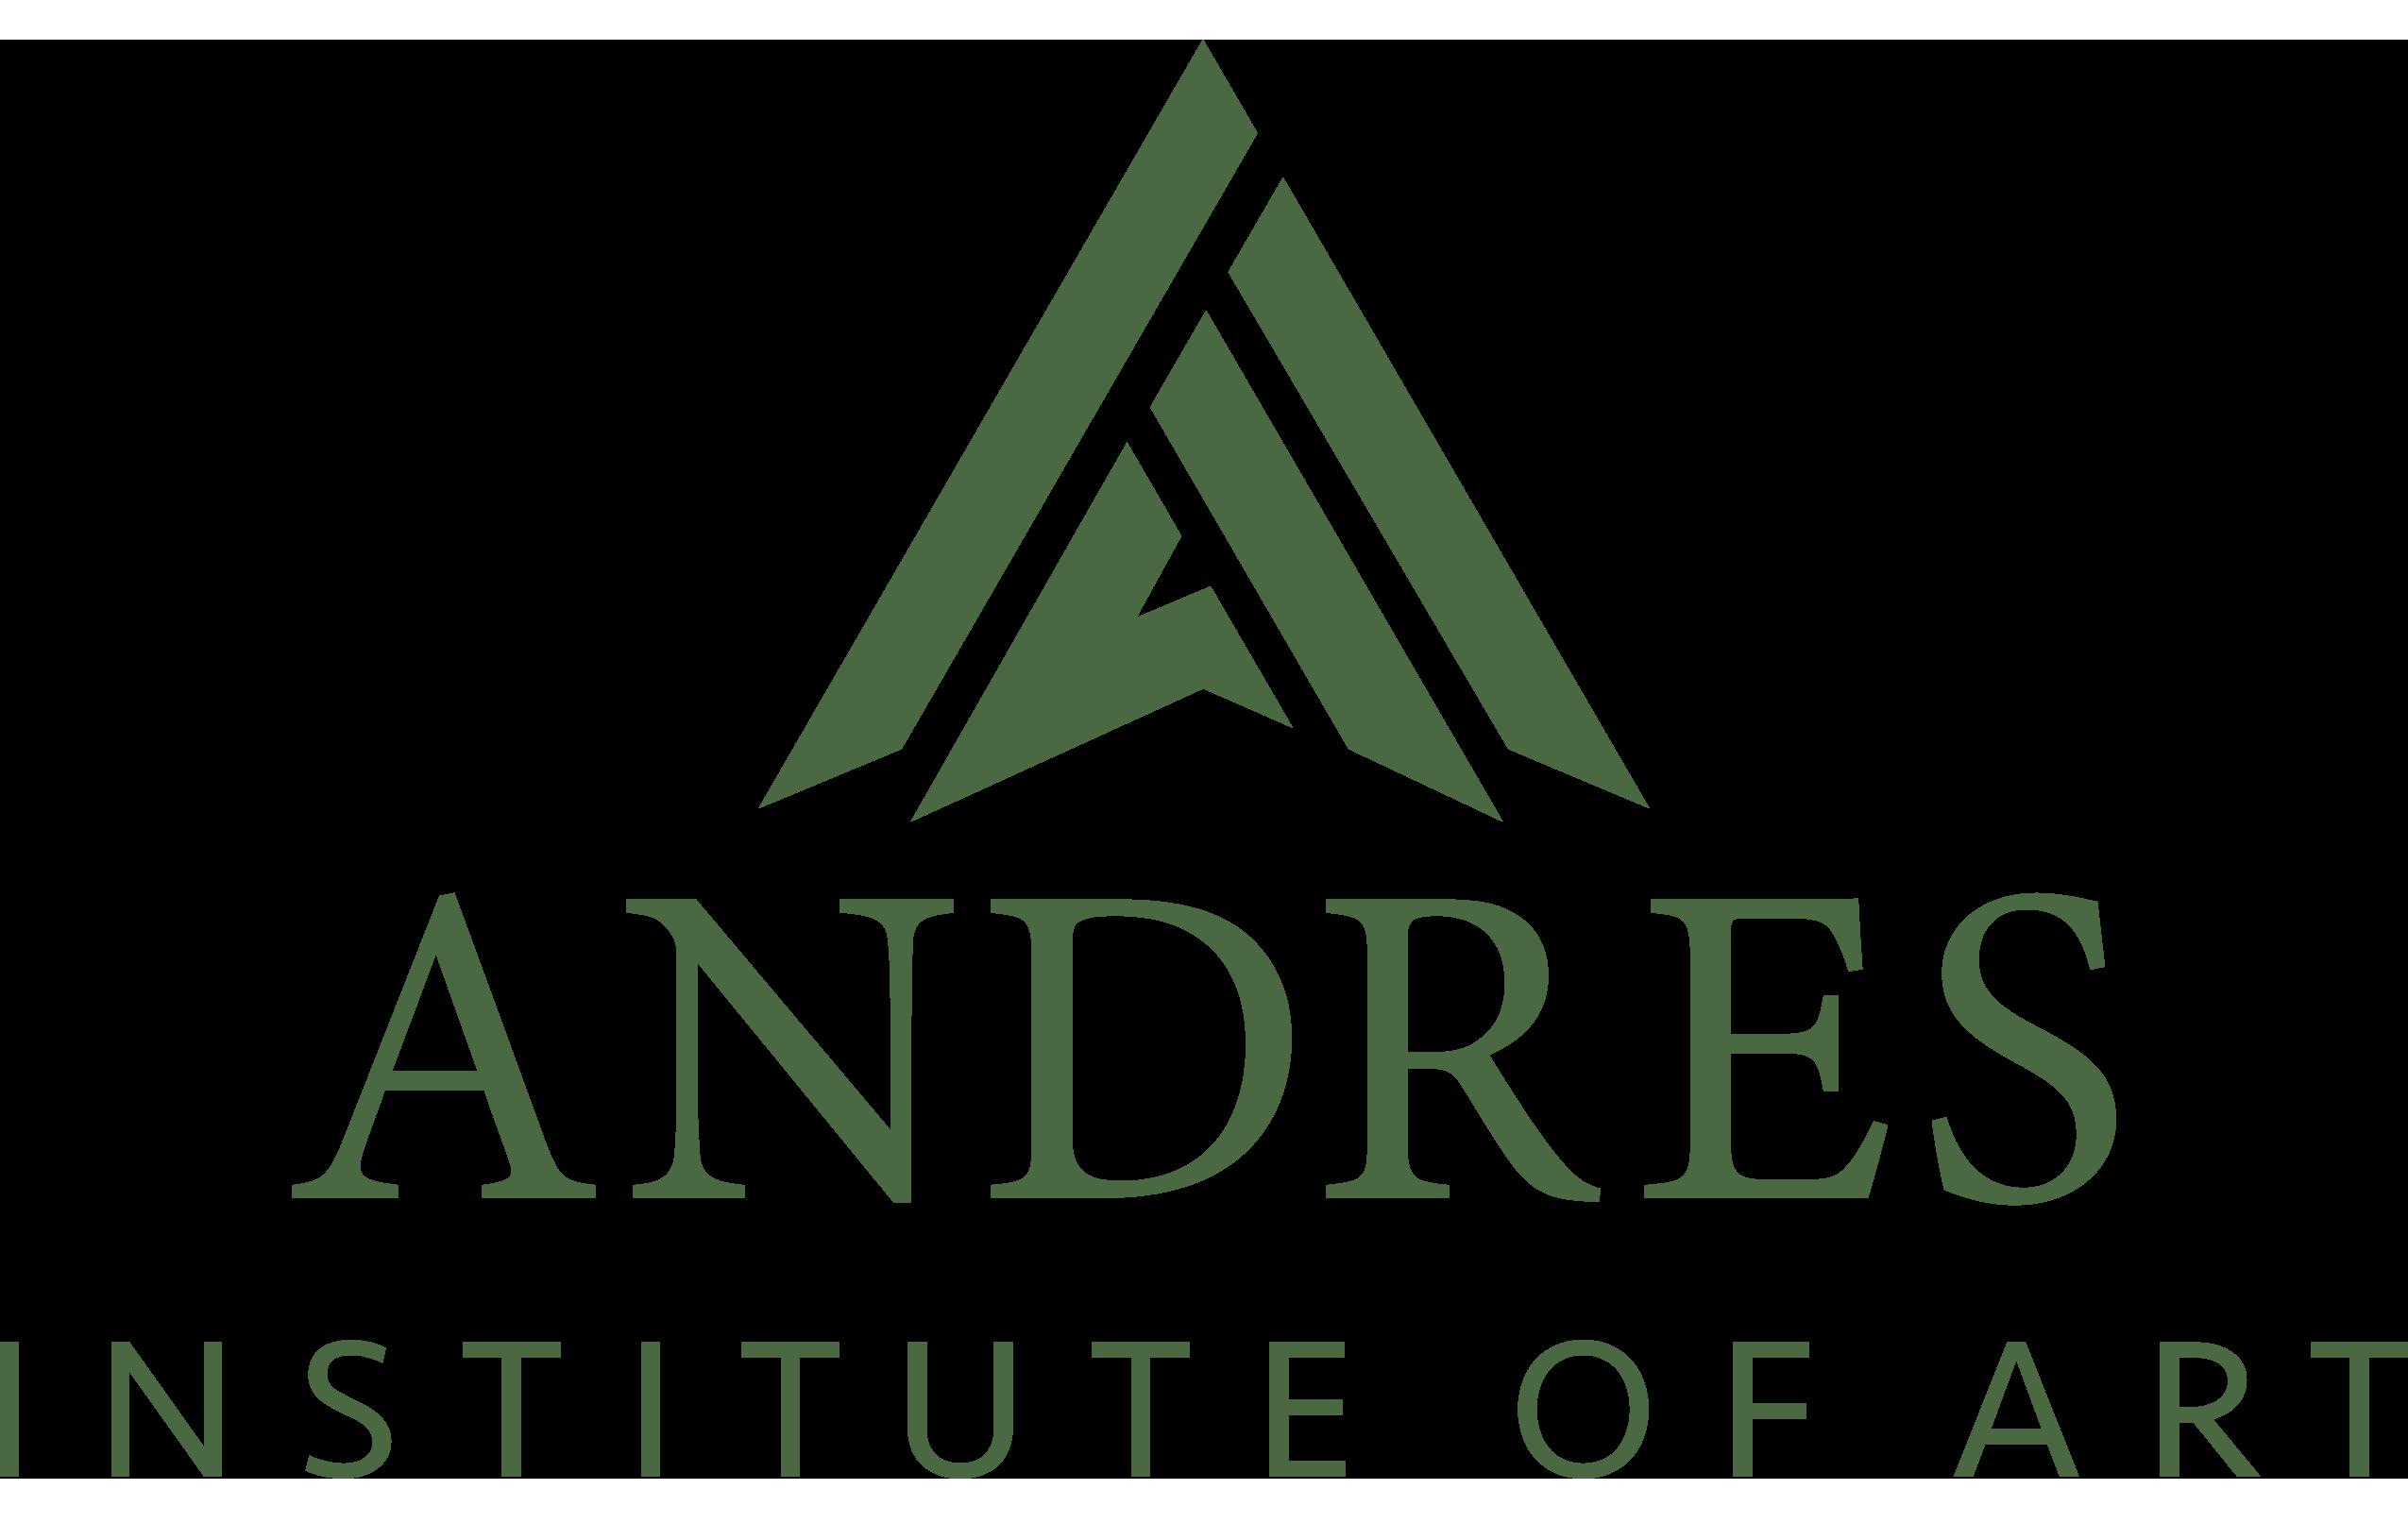 Andres Institute of Art